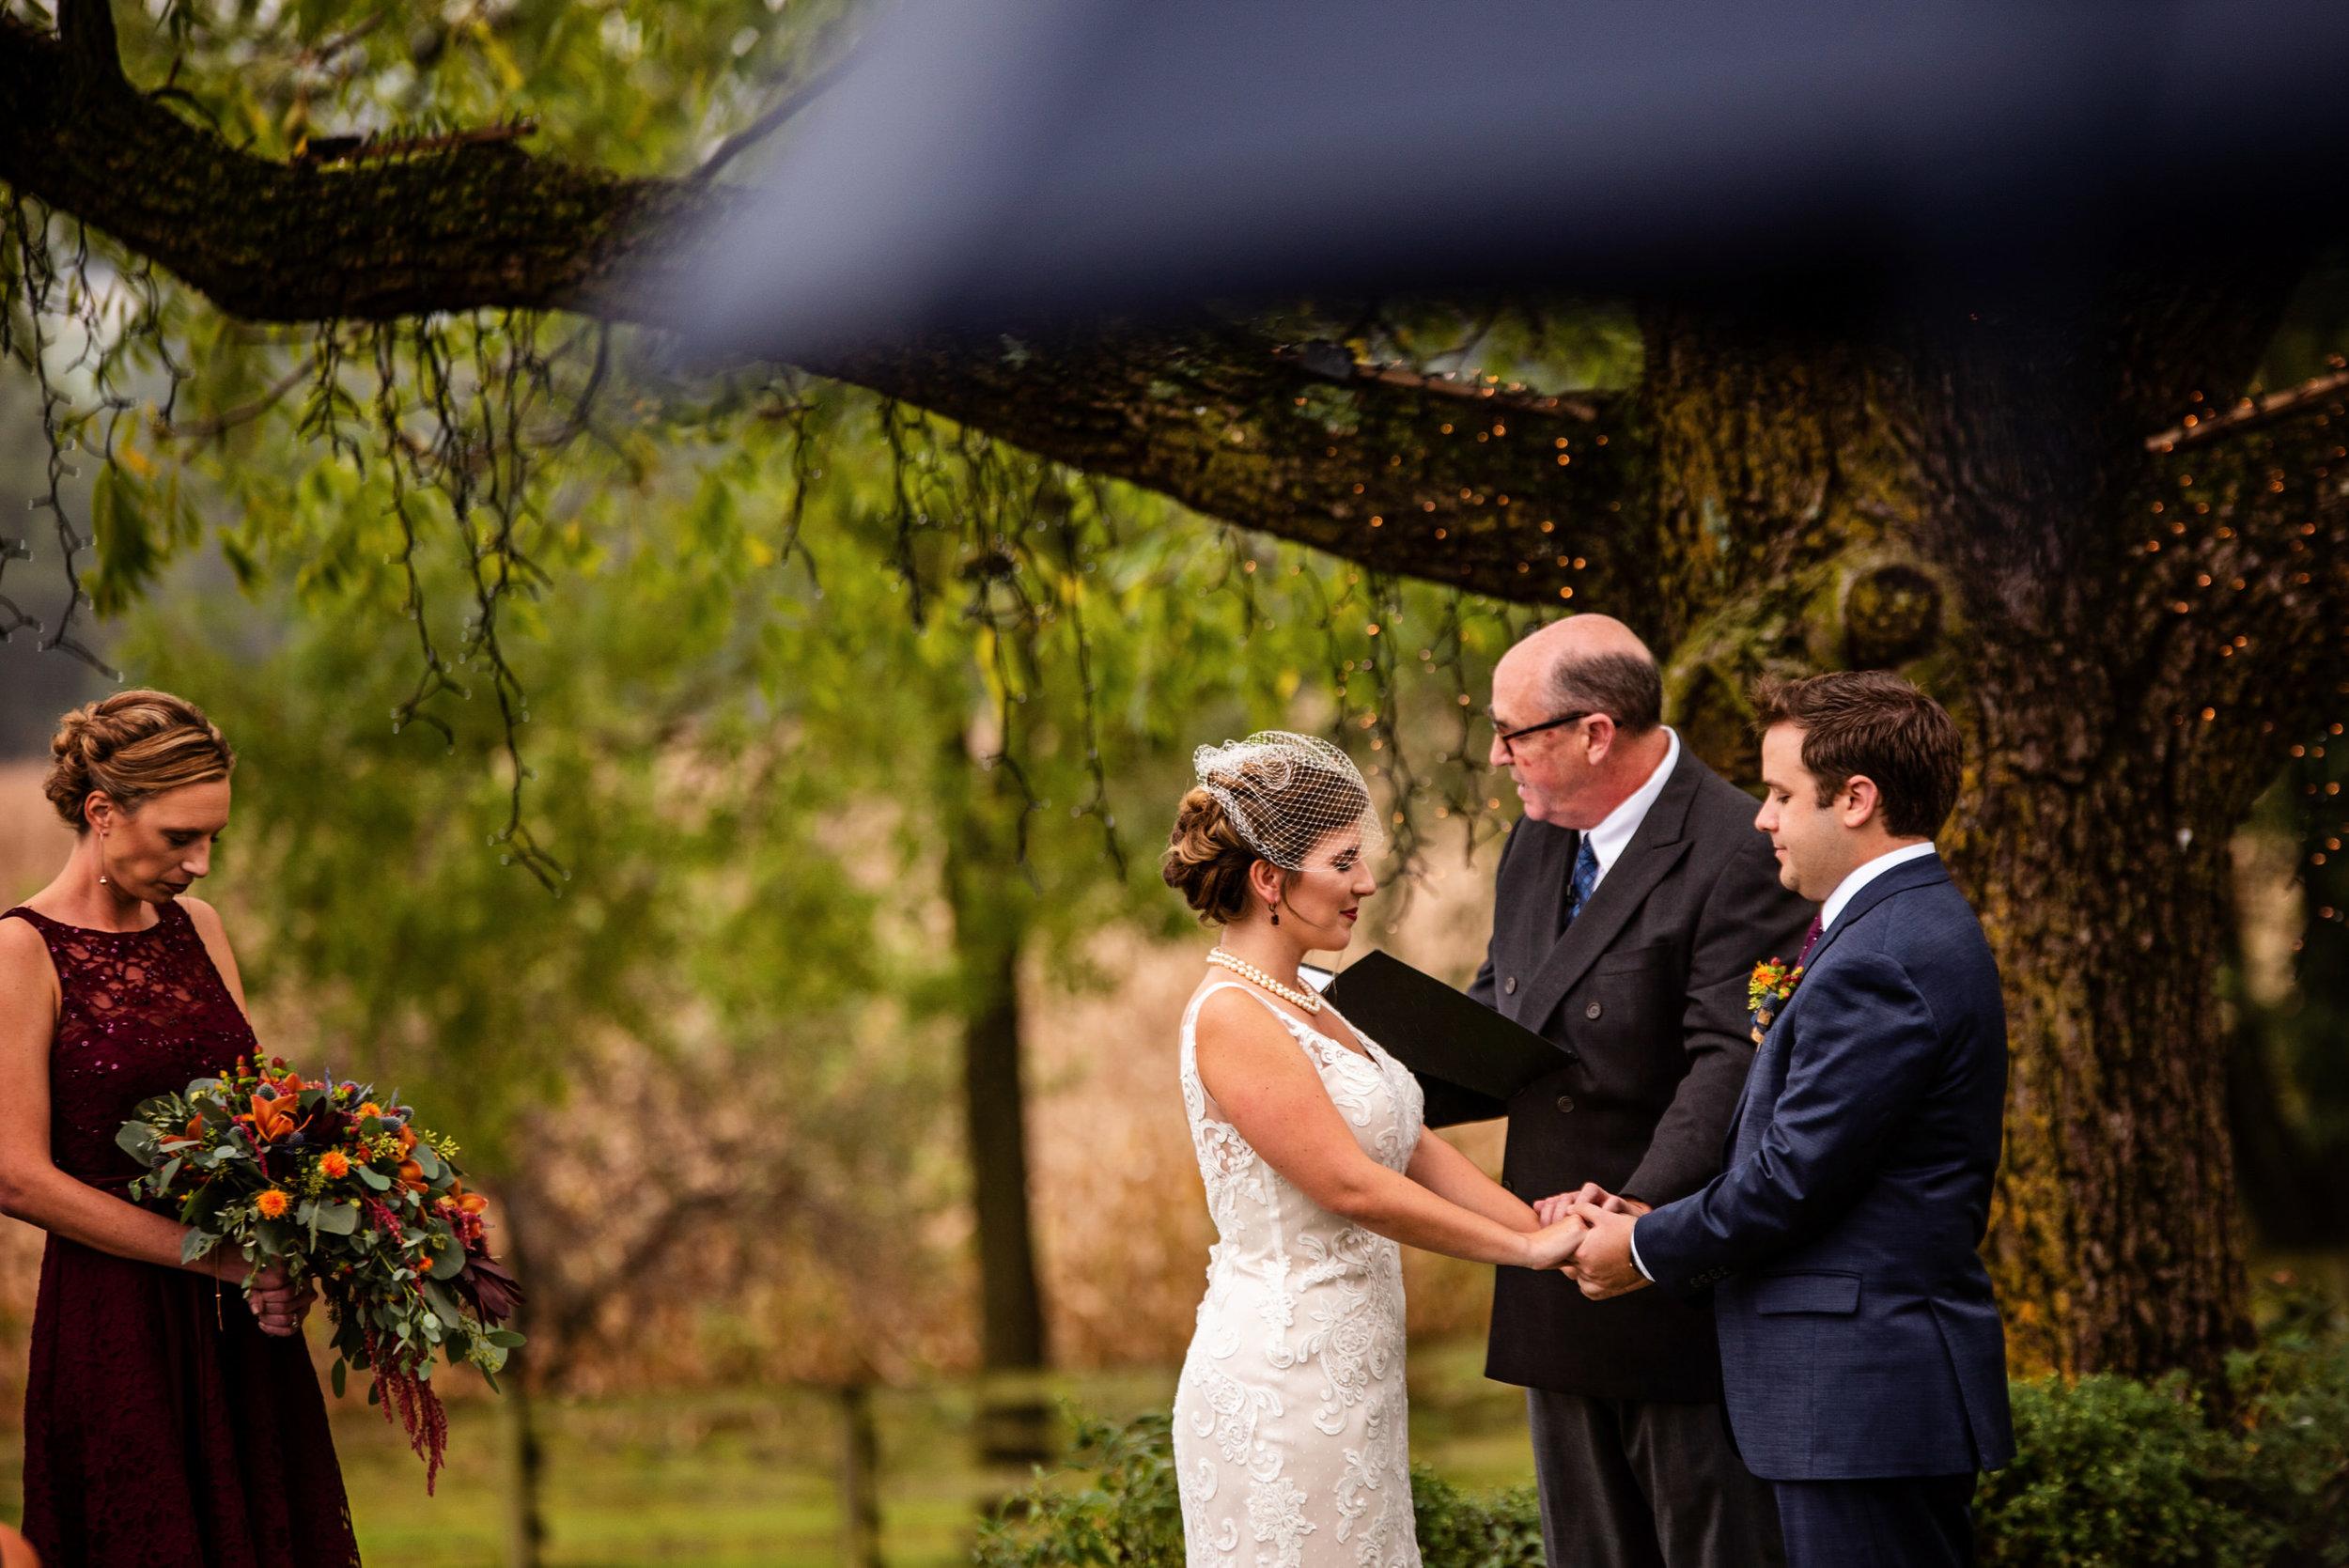 WalkersOverlookWedding-Angela&Ben-Ceremony-17.jpg